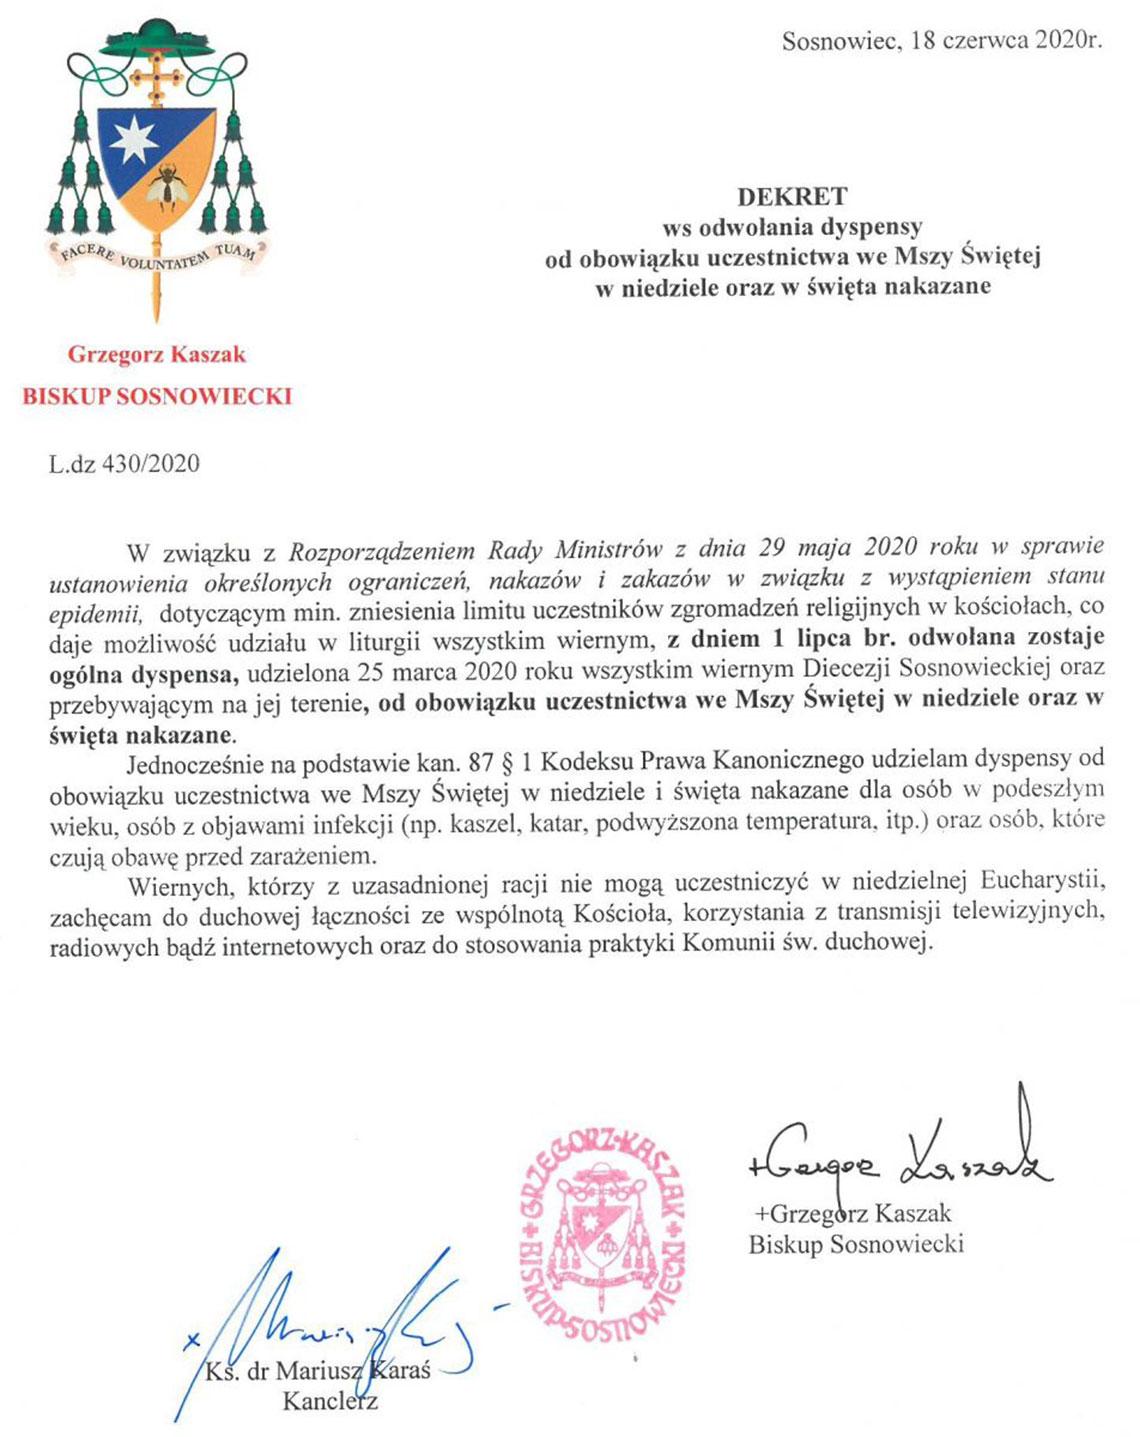 Dekret Biskupa Sosnowieckiego ws. odwołania dyspensy